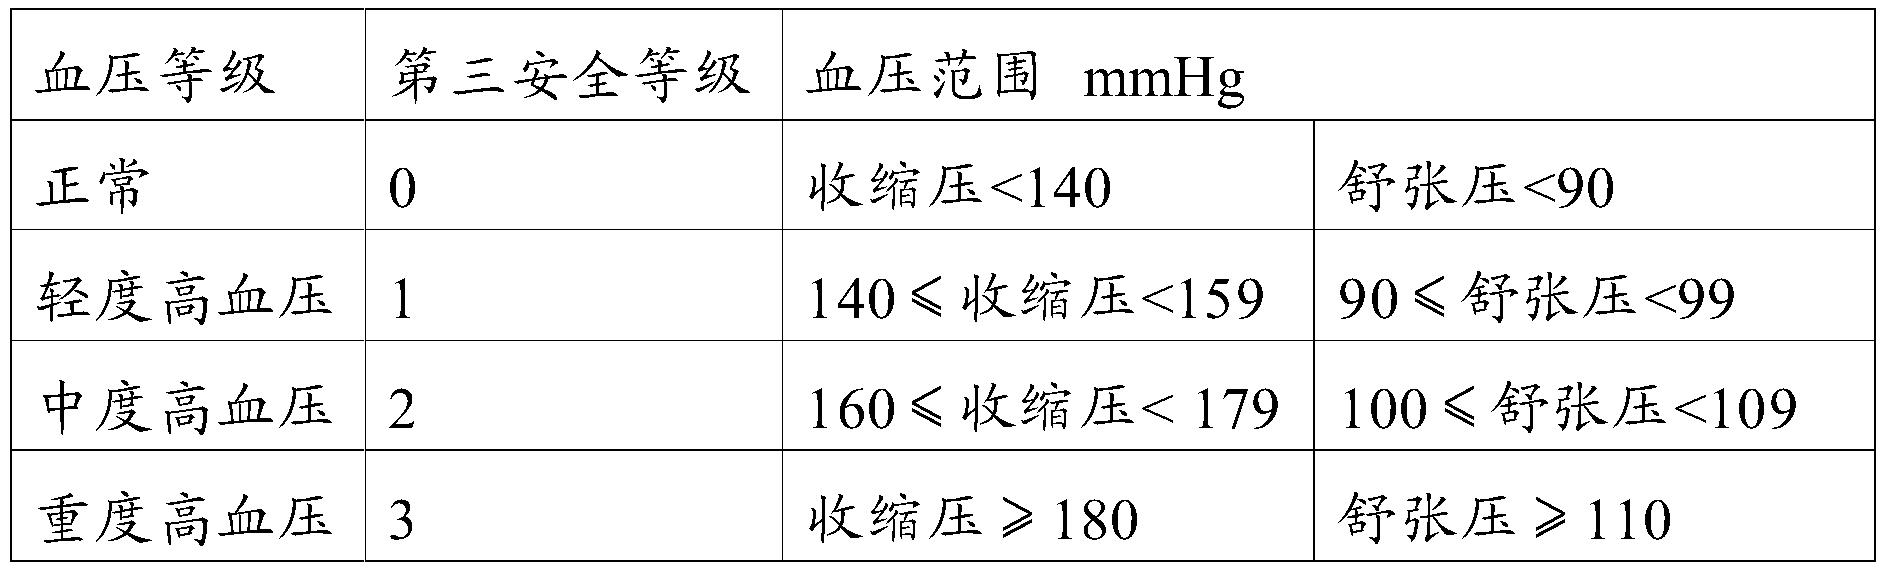 Figure PCTCN2015076564-appb-000003